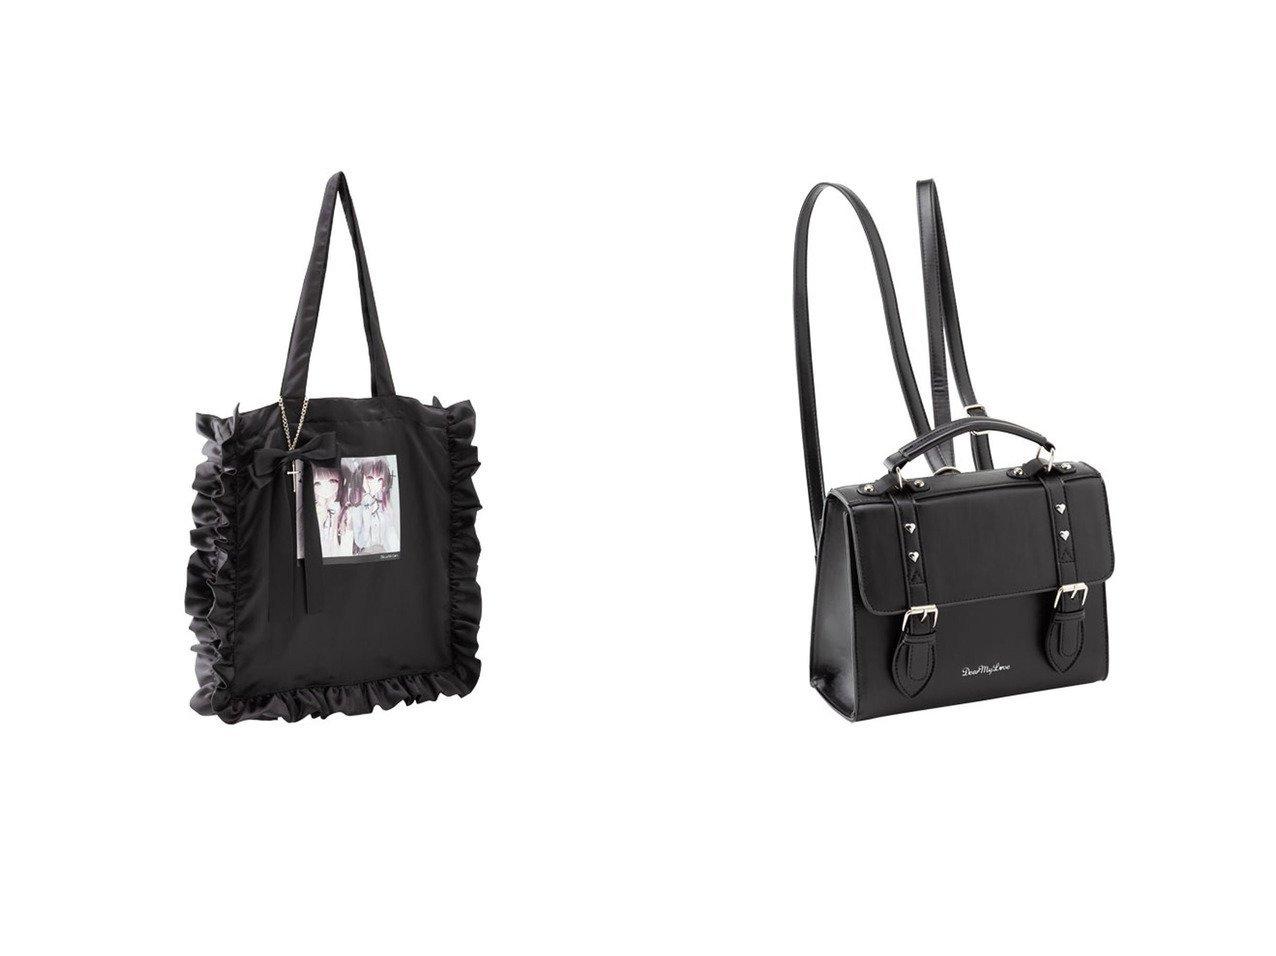 【YUMETENBO/夢展望】のディア&マイフリルトートバッグ&サッチェル3WAYバッグ バッグ・鞄のおすすめ!人気、トレンド・レディースファッションの通販 おすすめで人気の流行・トレンド、ファッションの通販商品 メンズファッション・キッズファッション・インテリア・家具・レディースファッション・服の通販 founy(ファニー) https://founy.com/ ファッション Fashion レディースファッション WOMEN バッグ Bag キャラクター サテン チェック フリル プリント リボン ショルダー シンプル ハンドバッグ ポケット リュック |ID:crp329100000015355